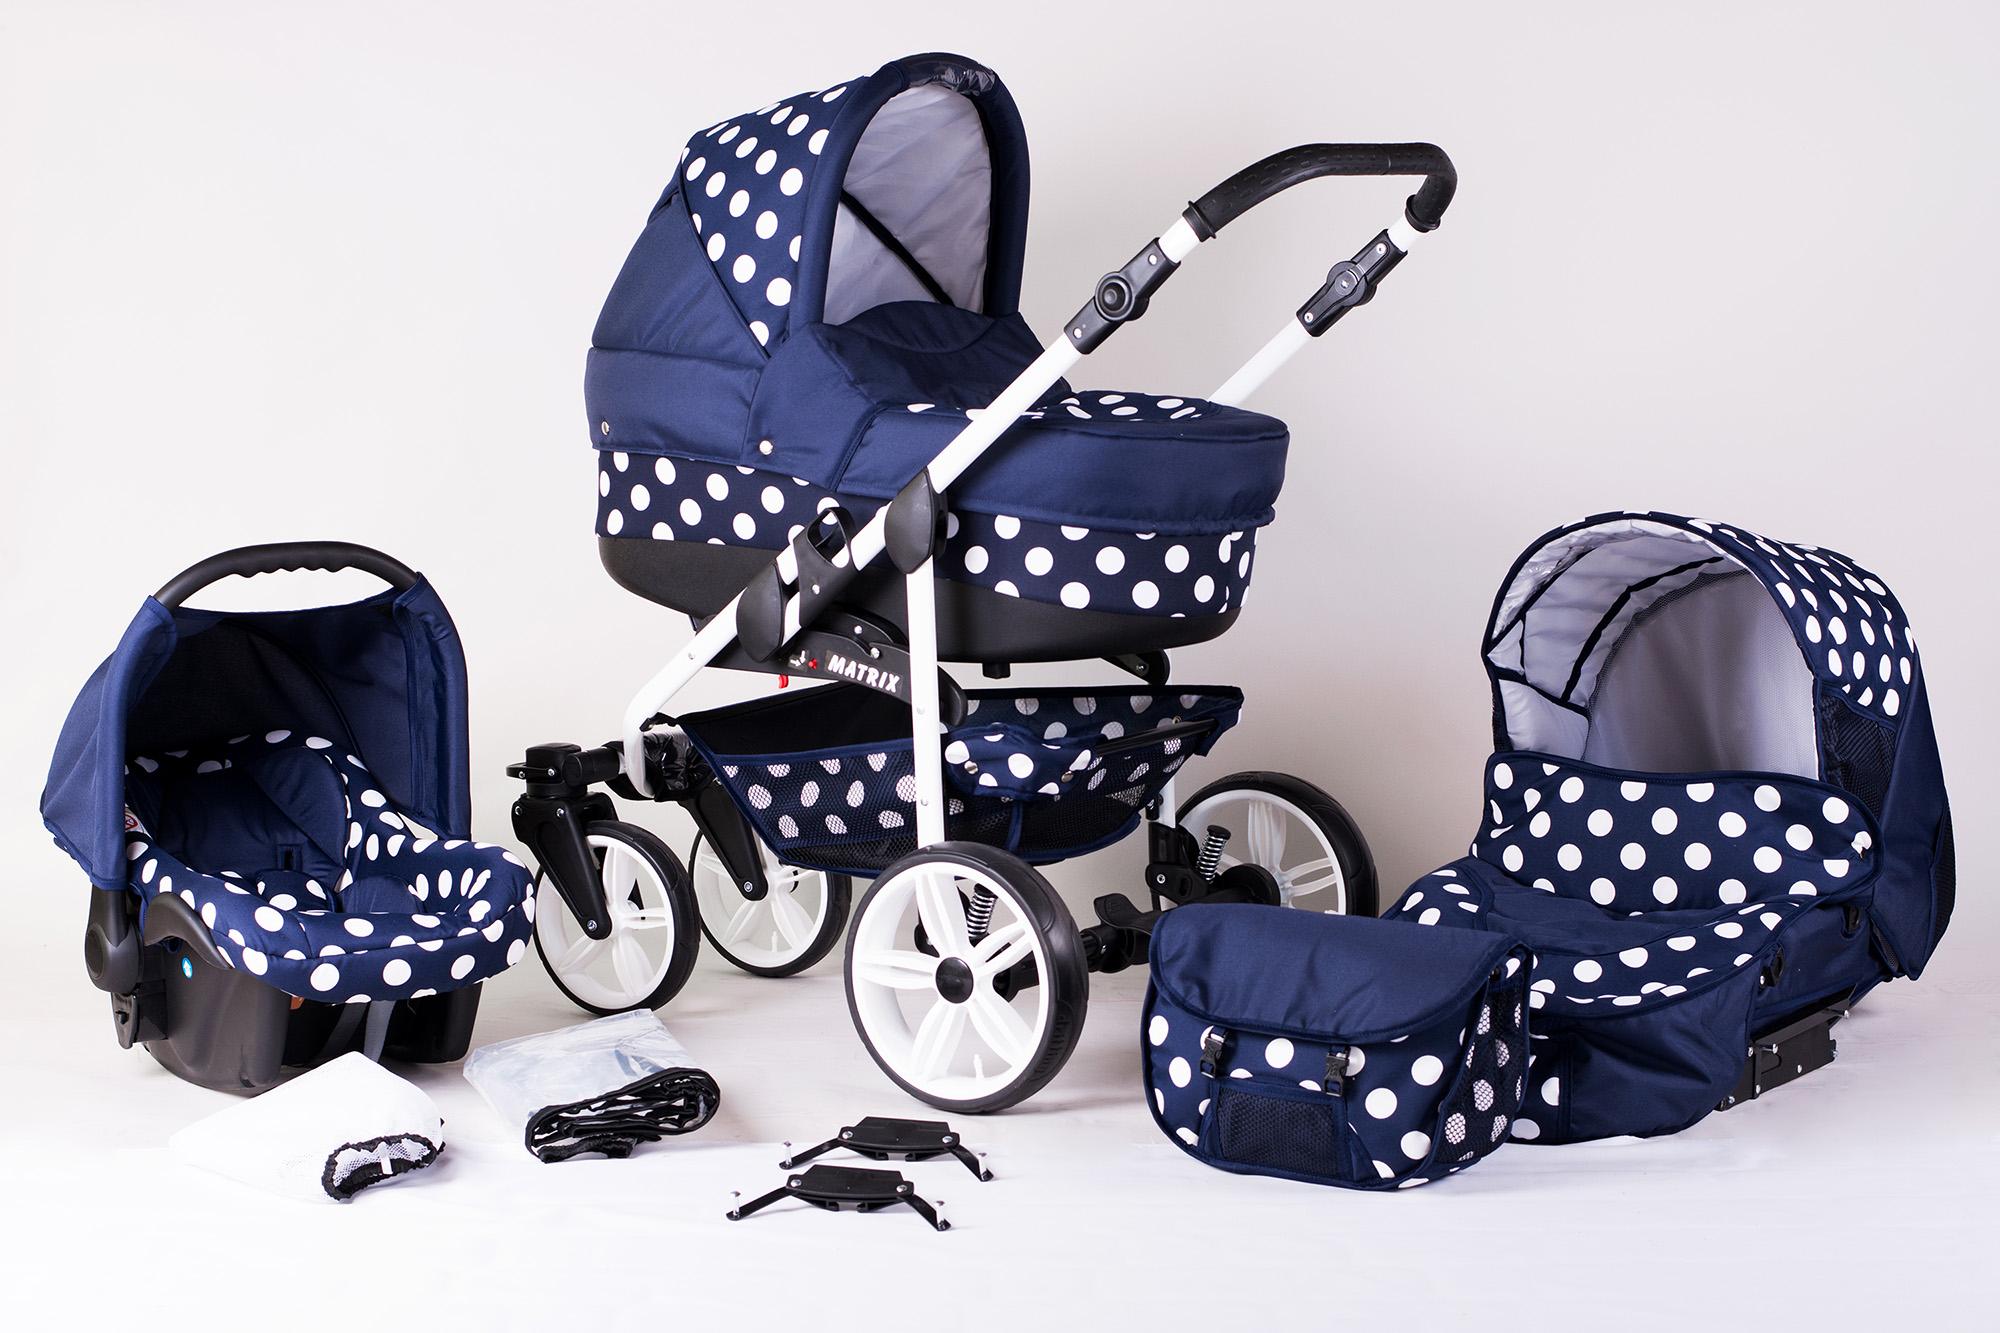 Kombi Kinderwagen Babywagen 3in1 System Matrix Sportwagen Buggy ...